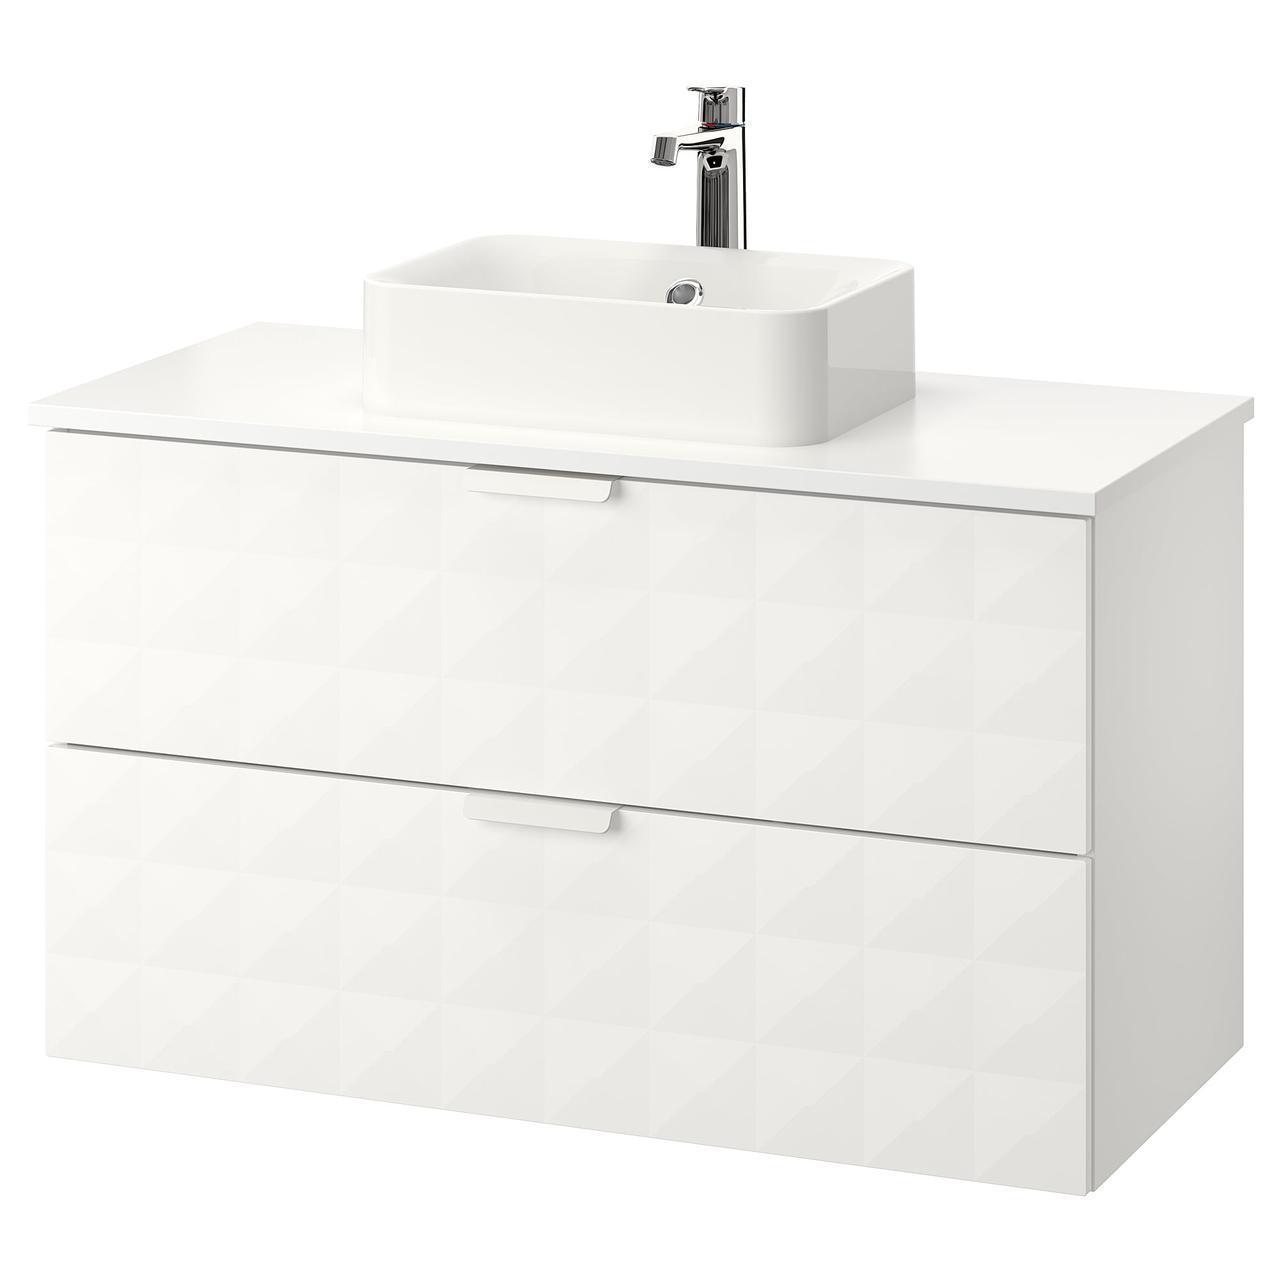 IKEA GODMORGON/TOLKEN/HORVIK Шкаф под умывальник с раковиной, Ресжöн белый, белый  (892.473.76)